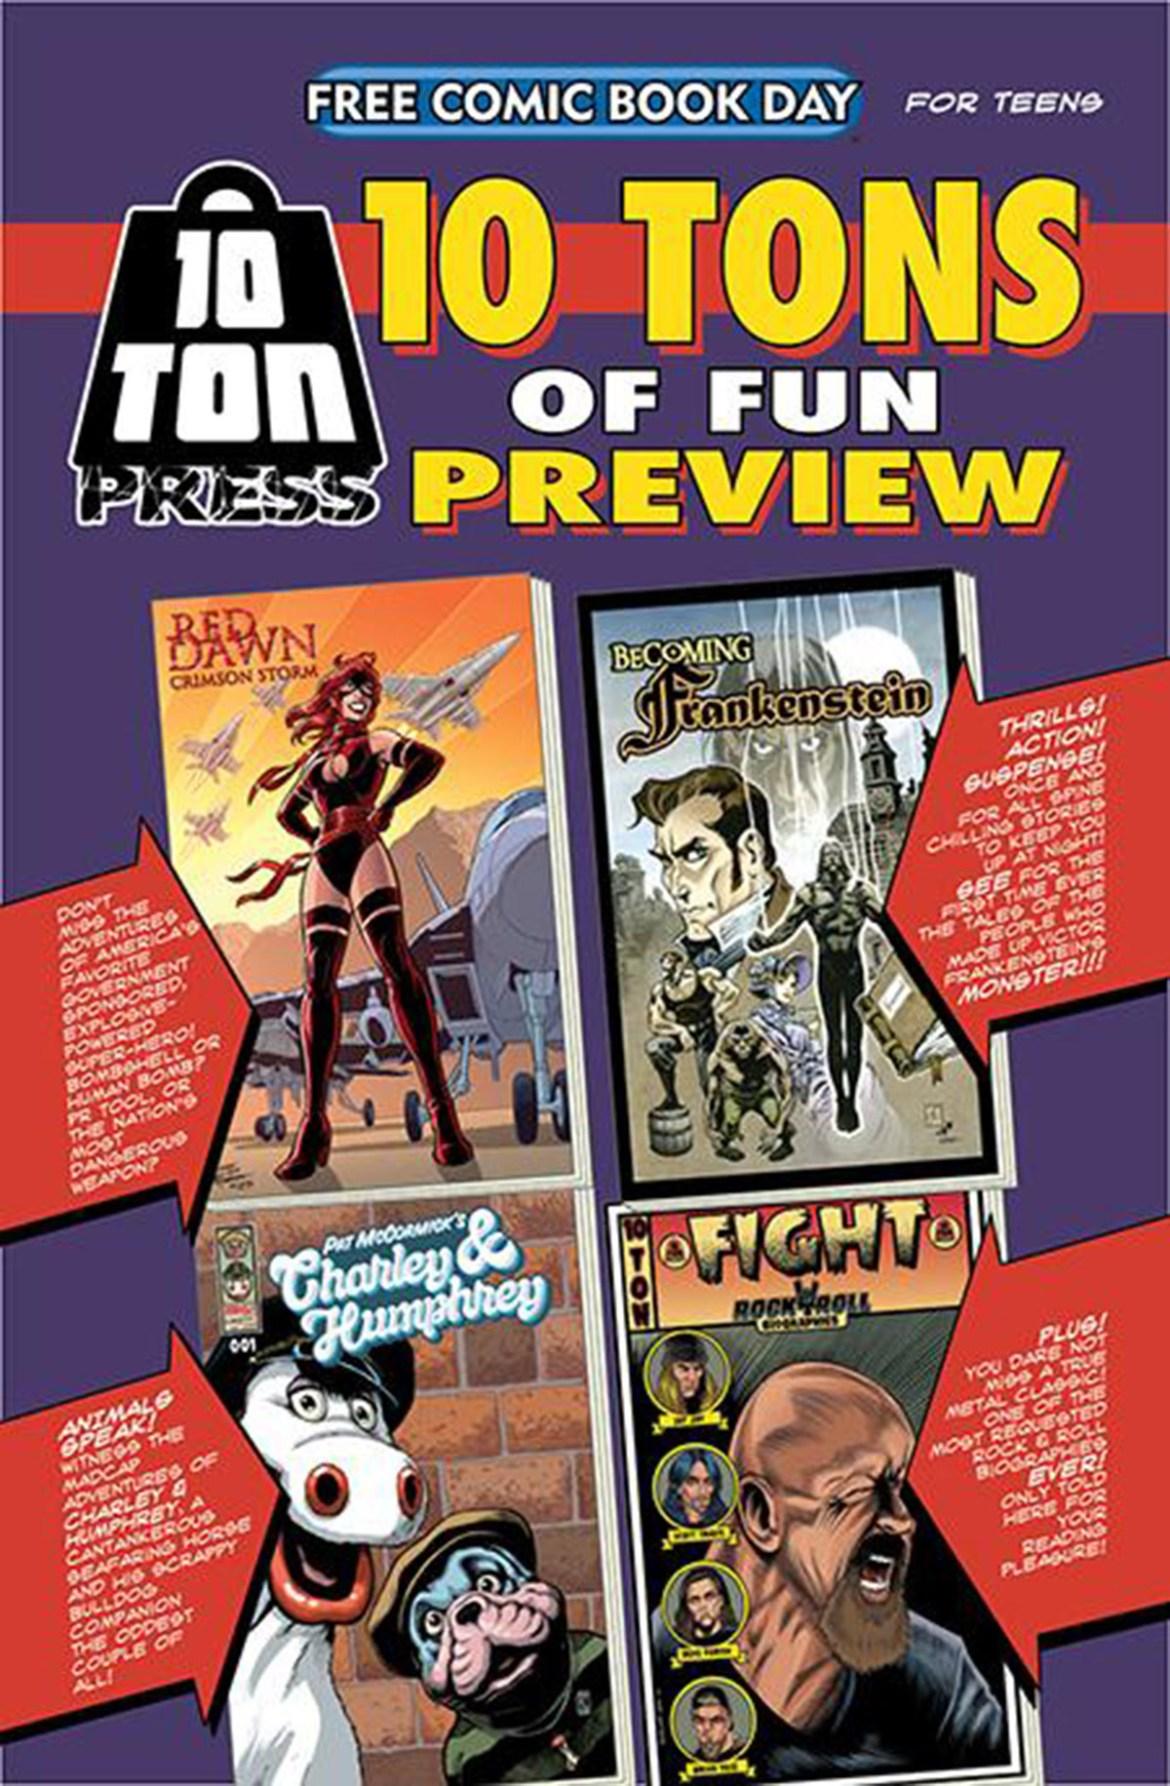 FCBD21_SILVER_10-Ton-Press_10-Ton-of-FUN Complete Free Comic Book Day 2021 comic book line-up announced